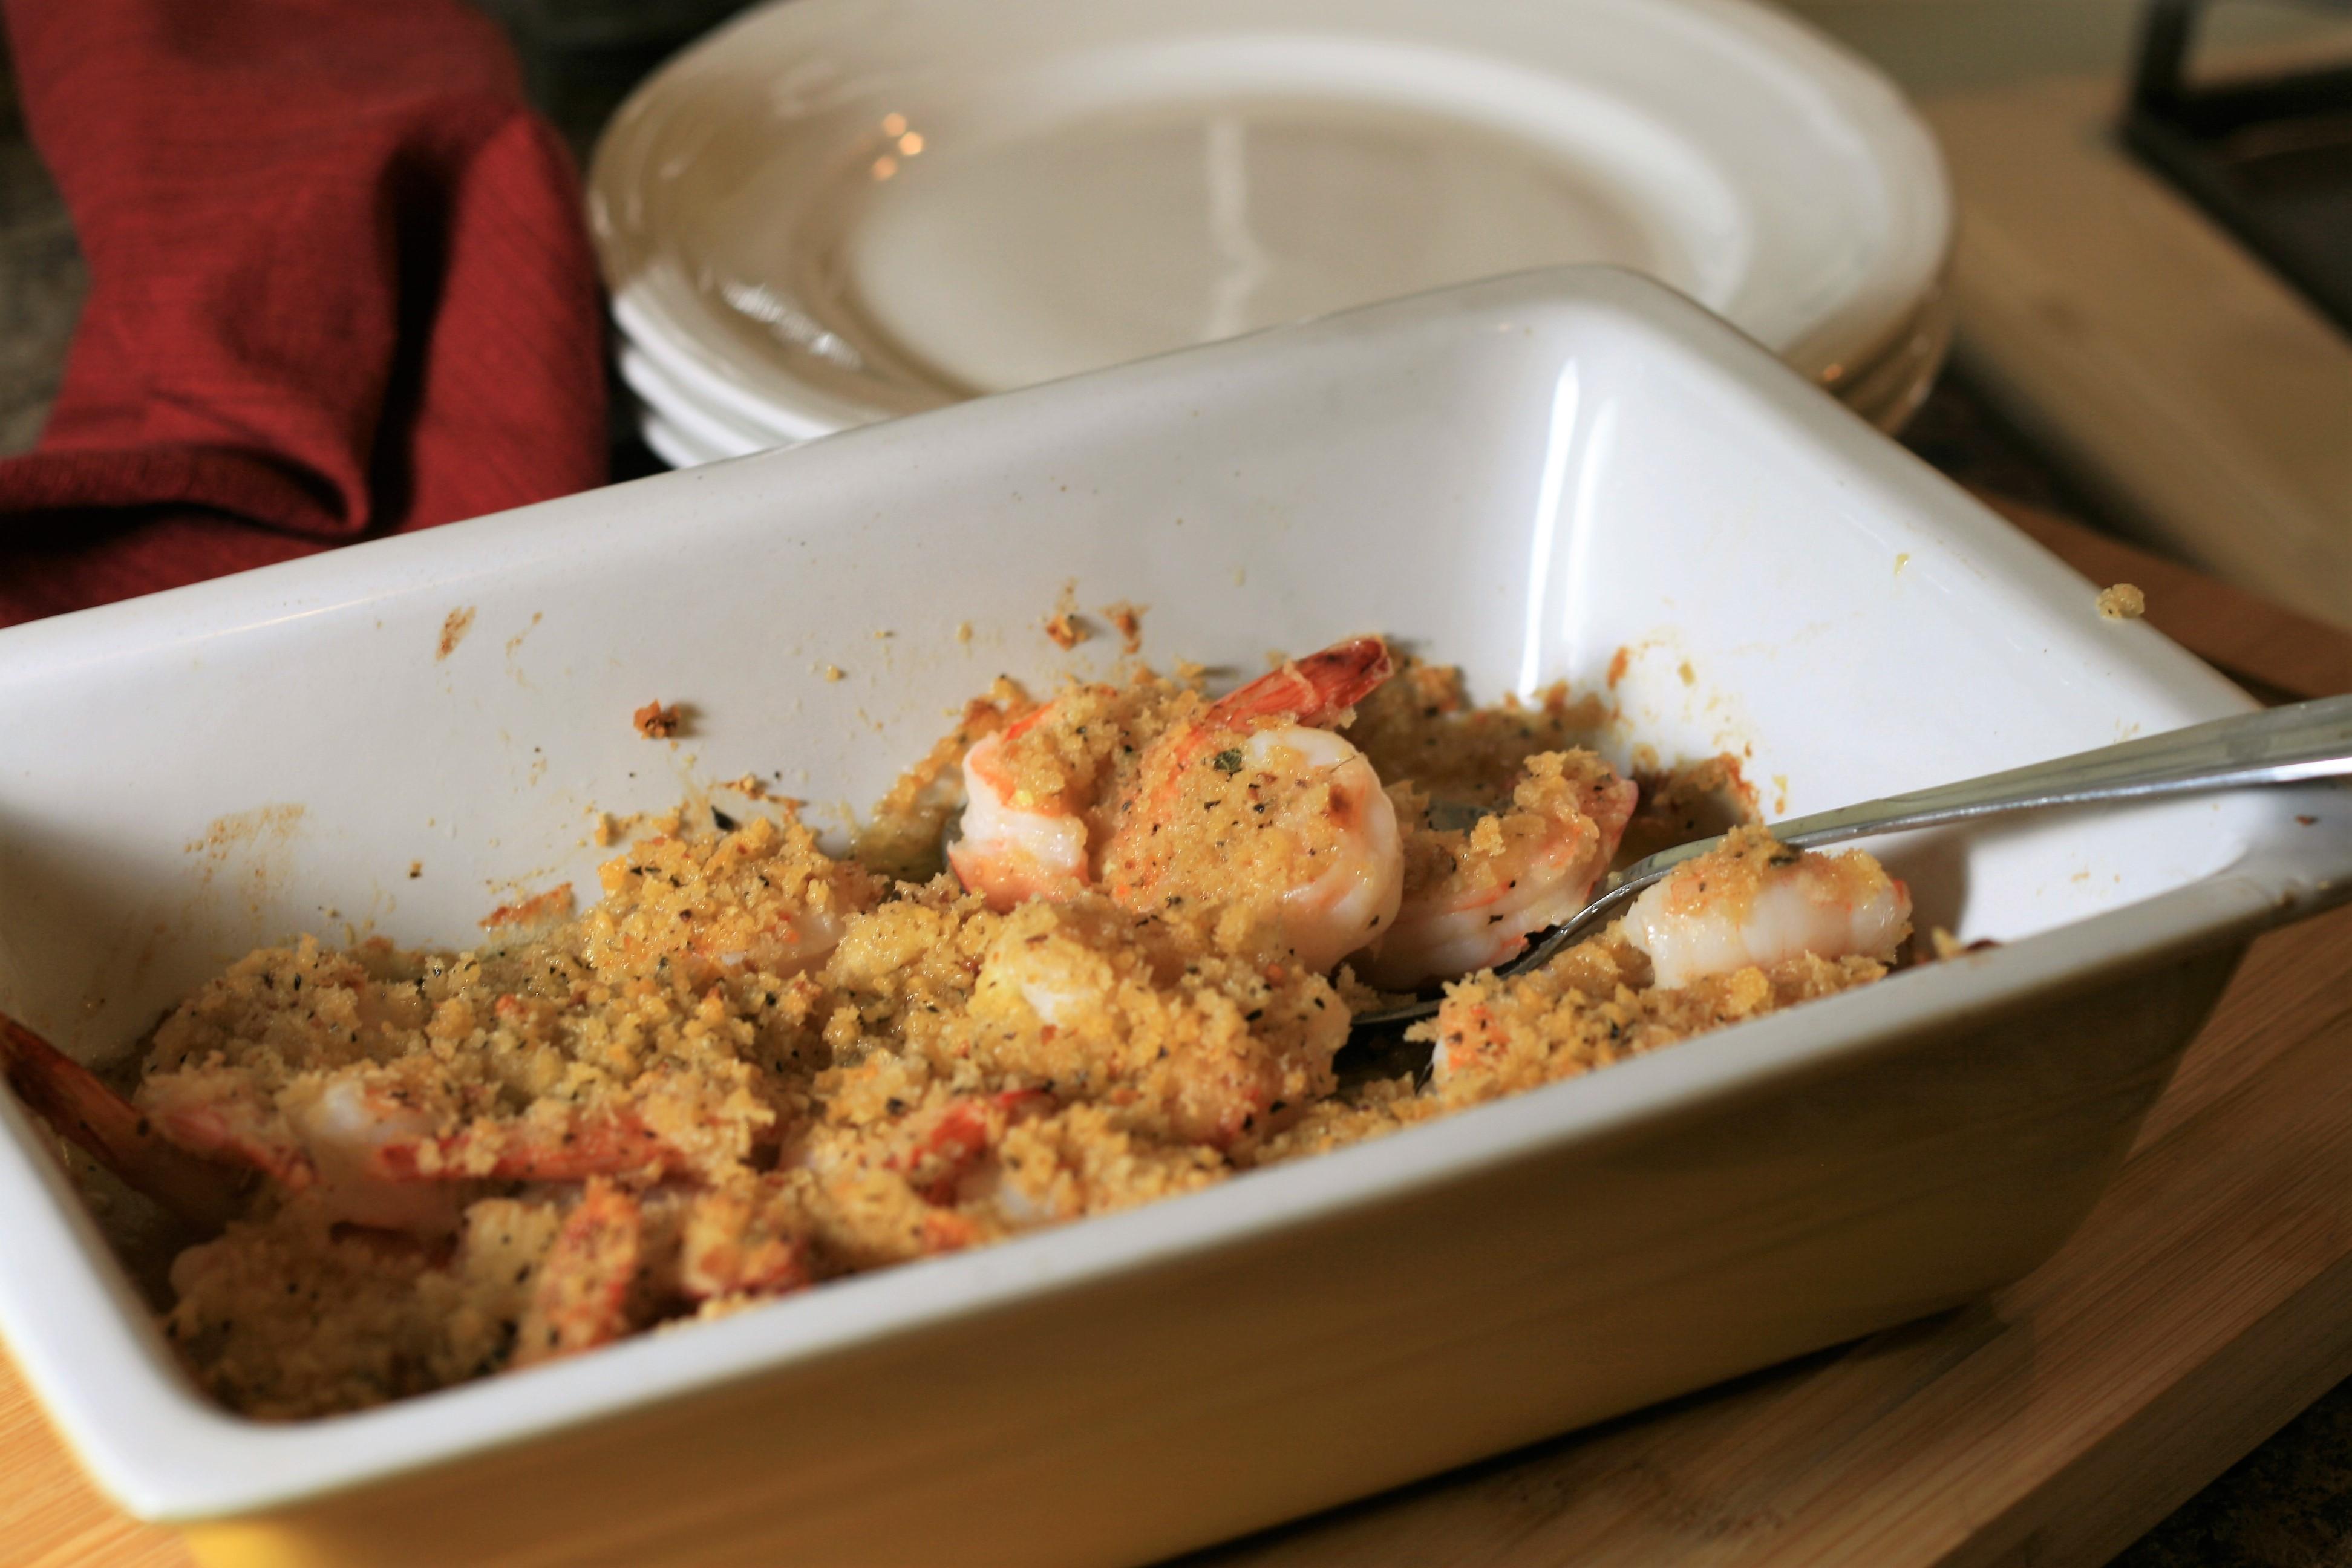 Garlic Parmesan Baked Shrimp